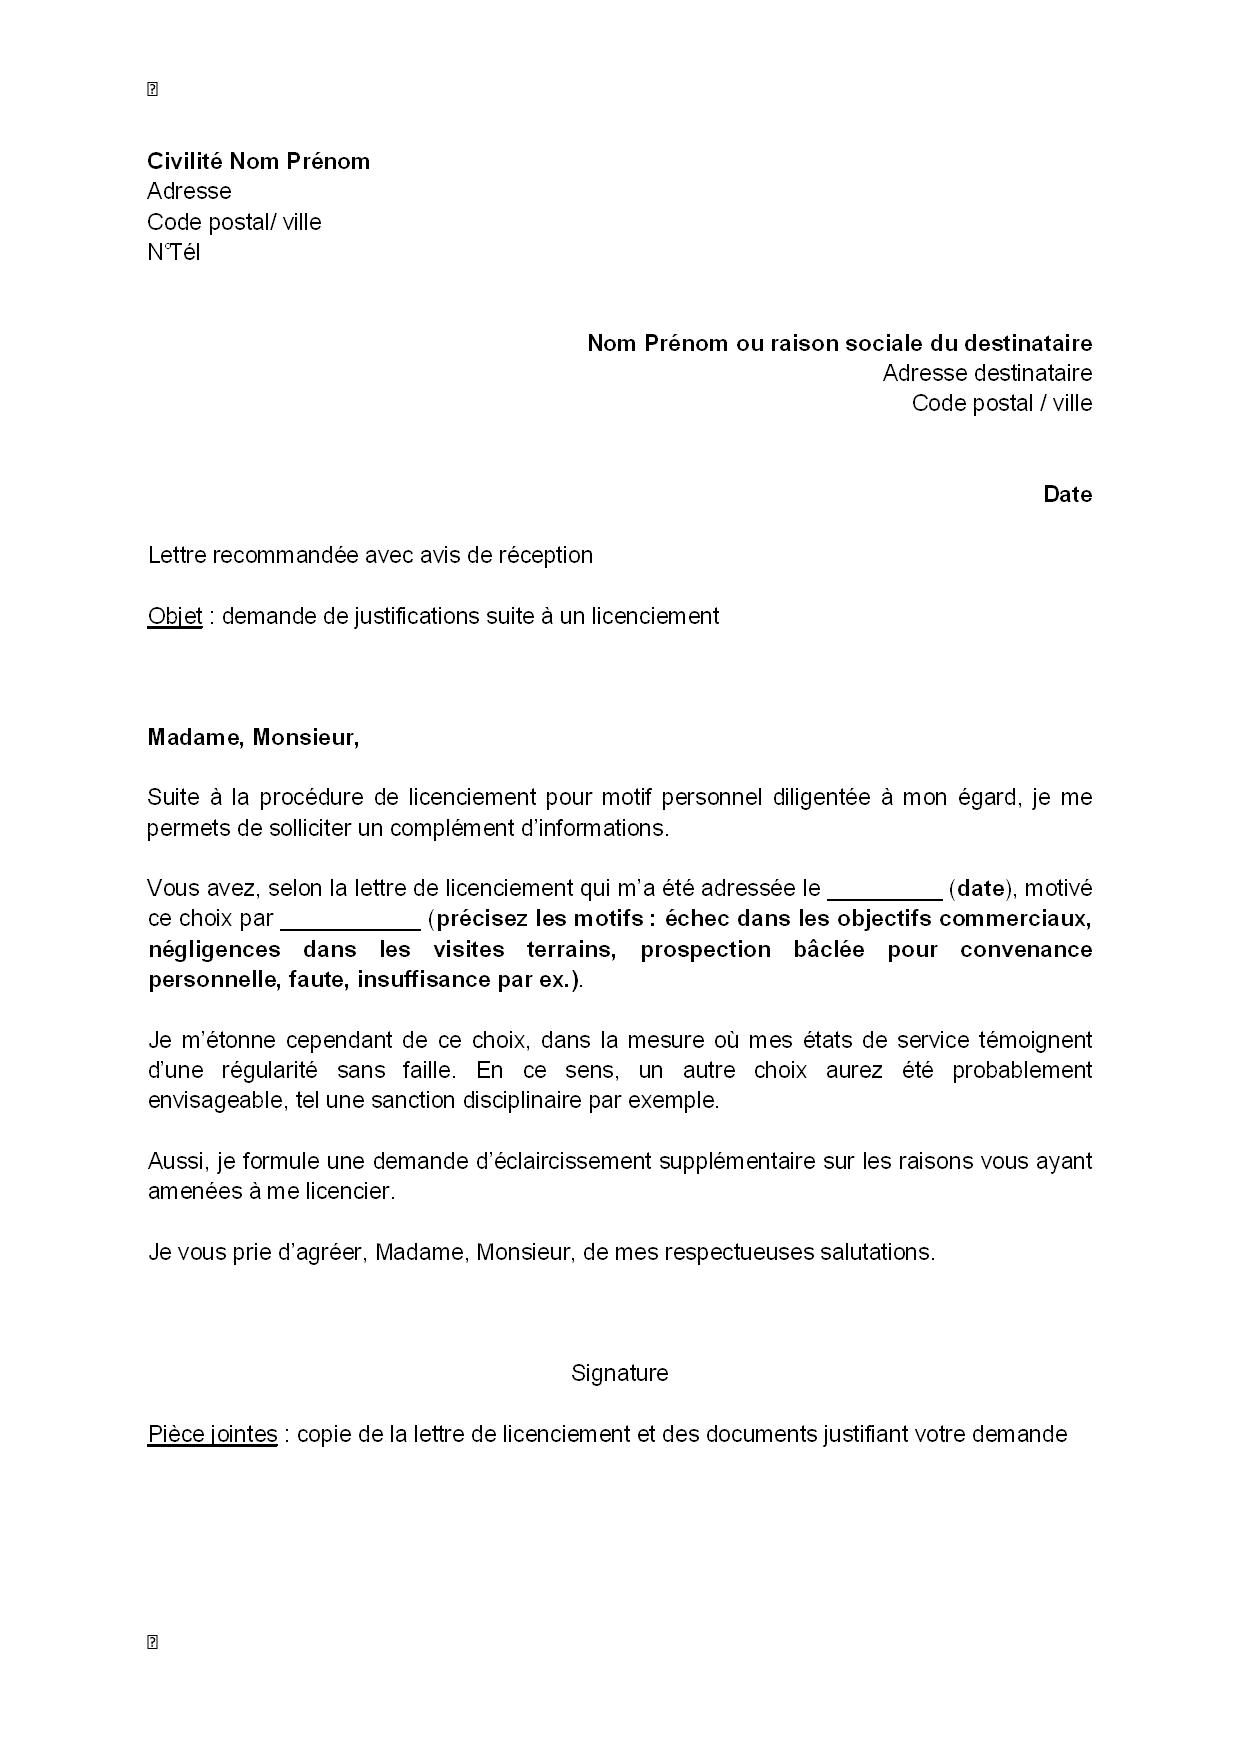 exemple gratuit de lettre demande justifications suite  u00e0